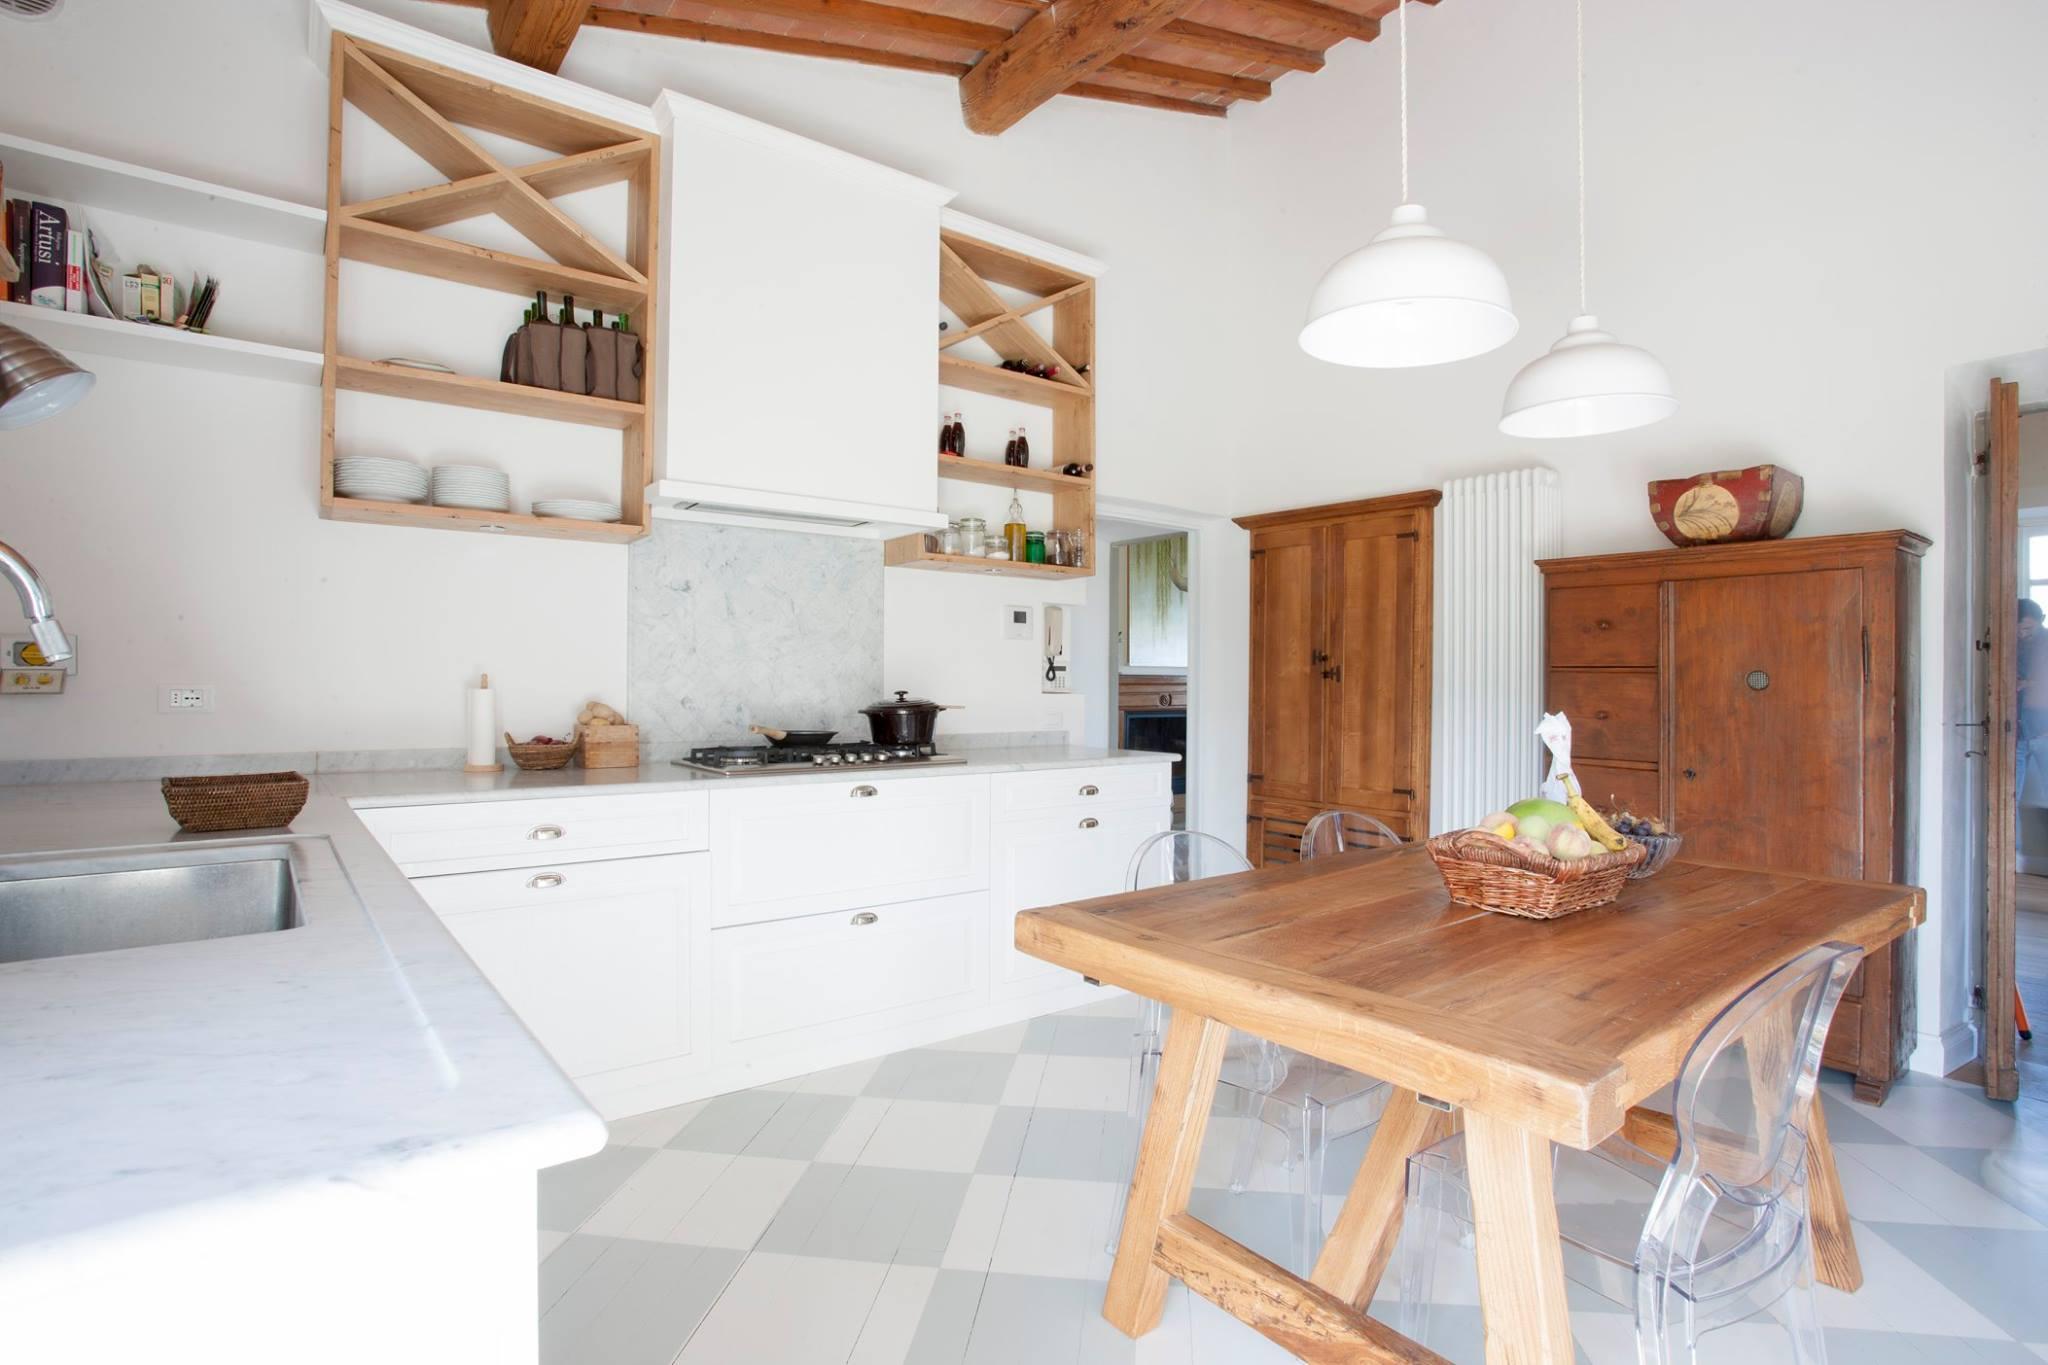 Piastrelle cucina bricoman elegant idee per la decorazione della